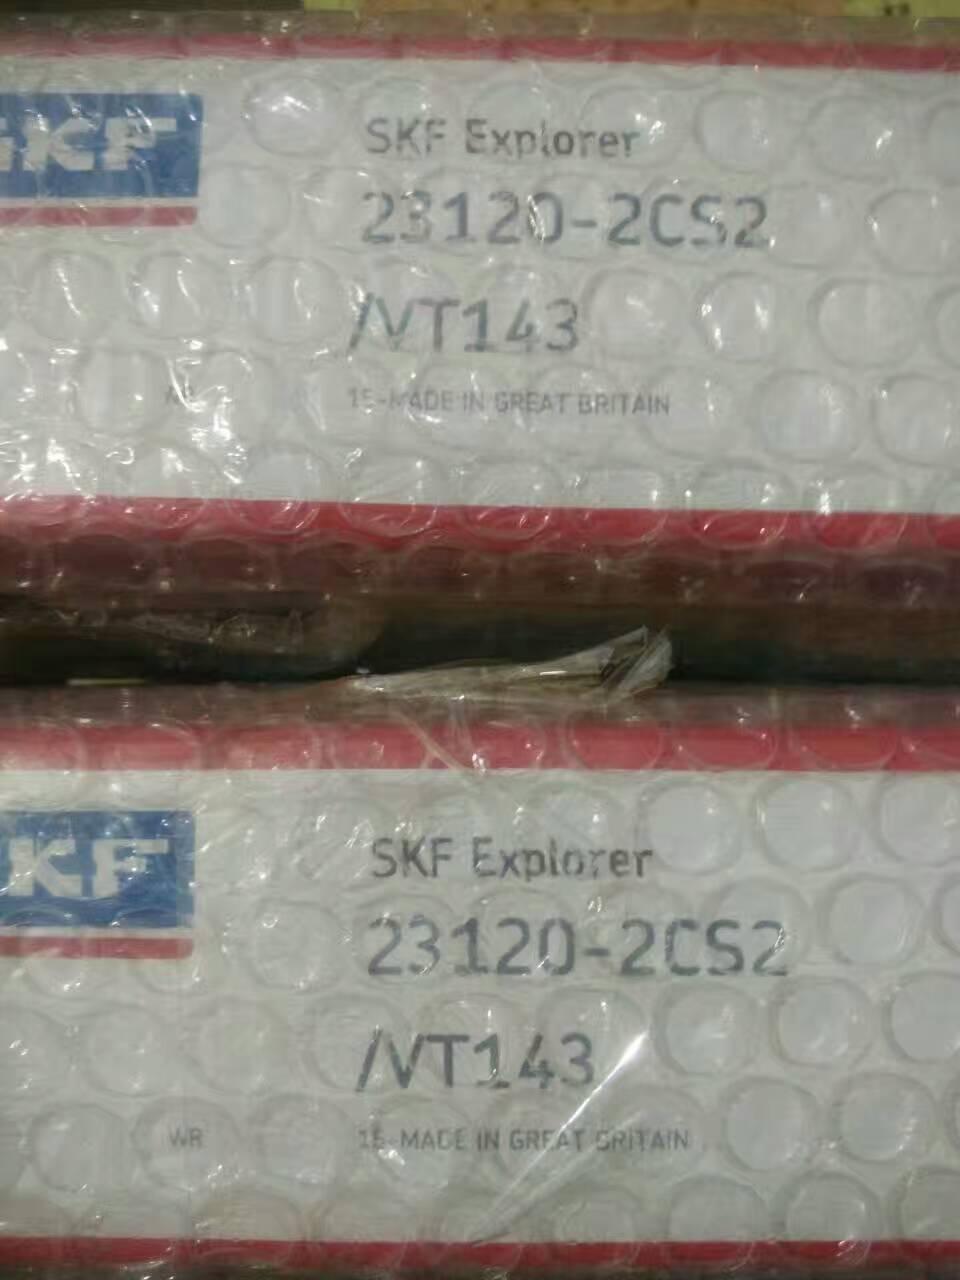 SKF23120-2CS2/VT143